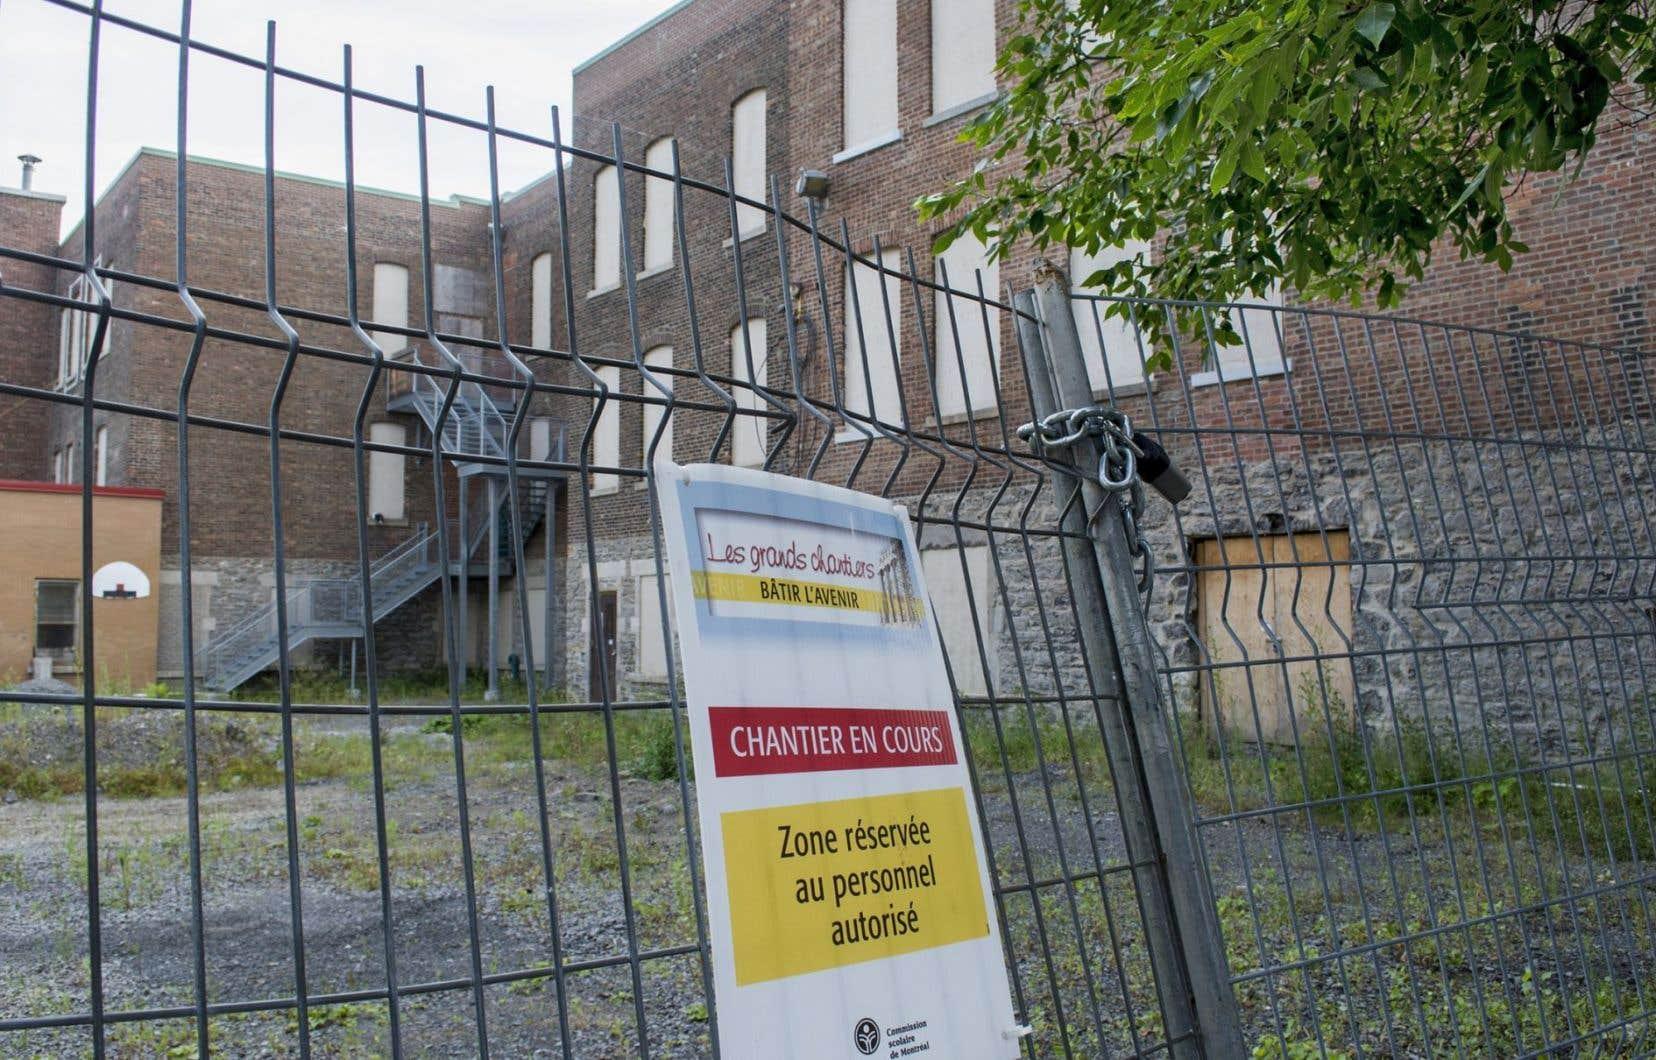 Les syndicats estiment que des investissements plus importants devraient être faits en priorité. À titre d'exemple, laFédération autonome de l'enseignement a cité le cas de certaines écoles à Montréal.